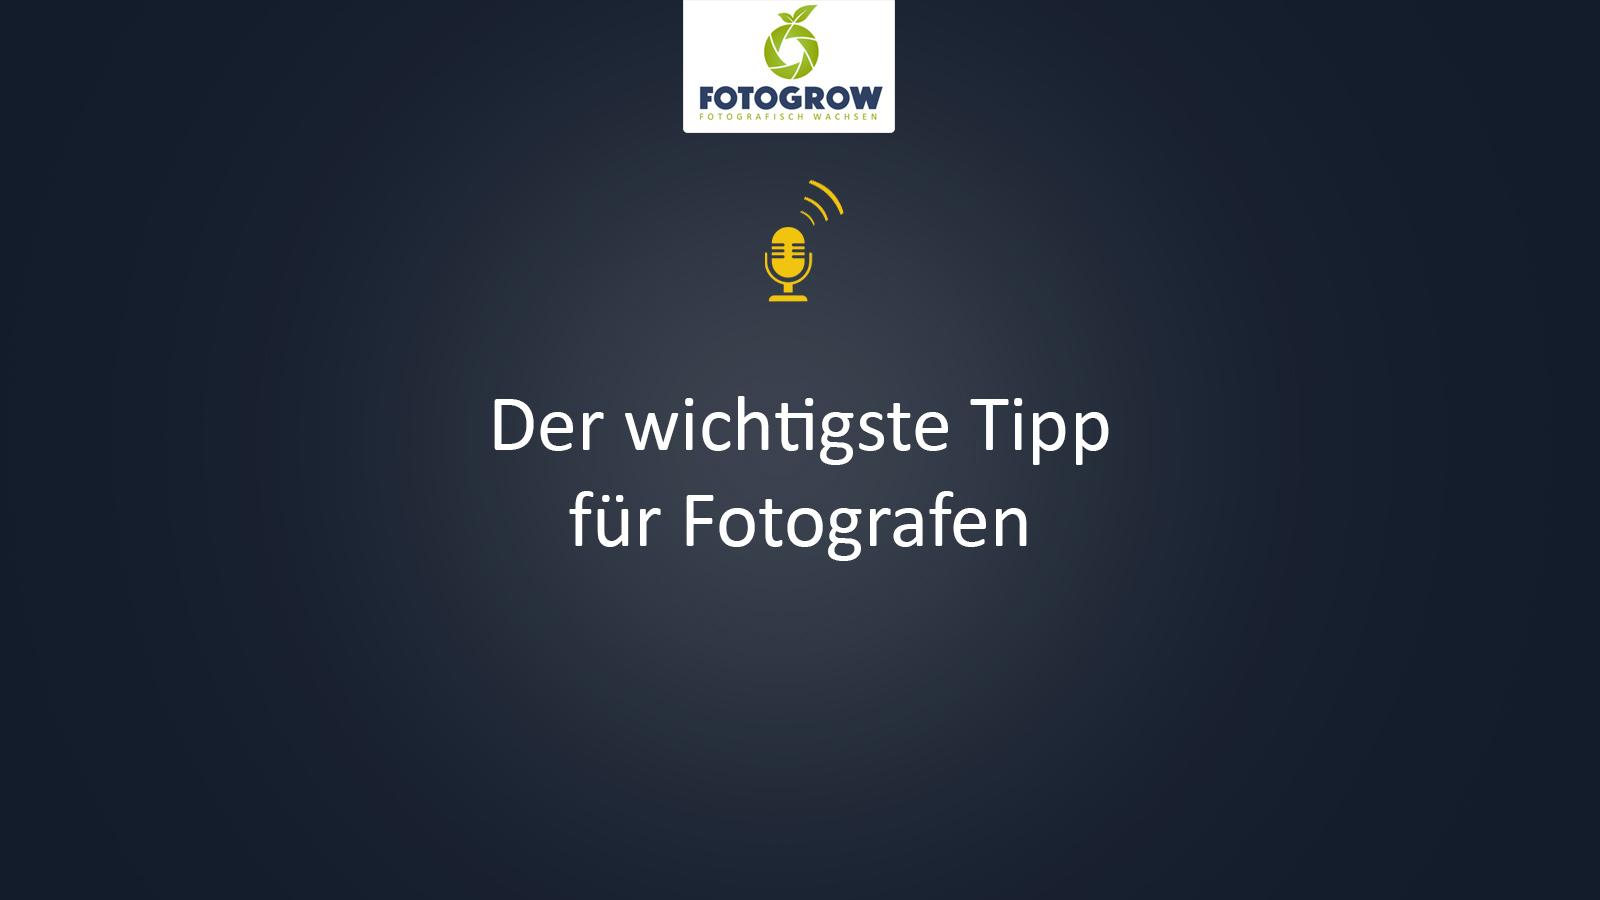 Der wichtigste Tipp für Fotografen